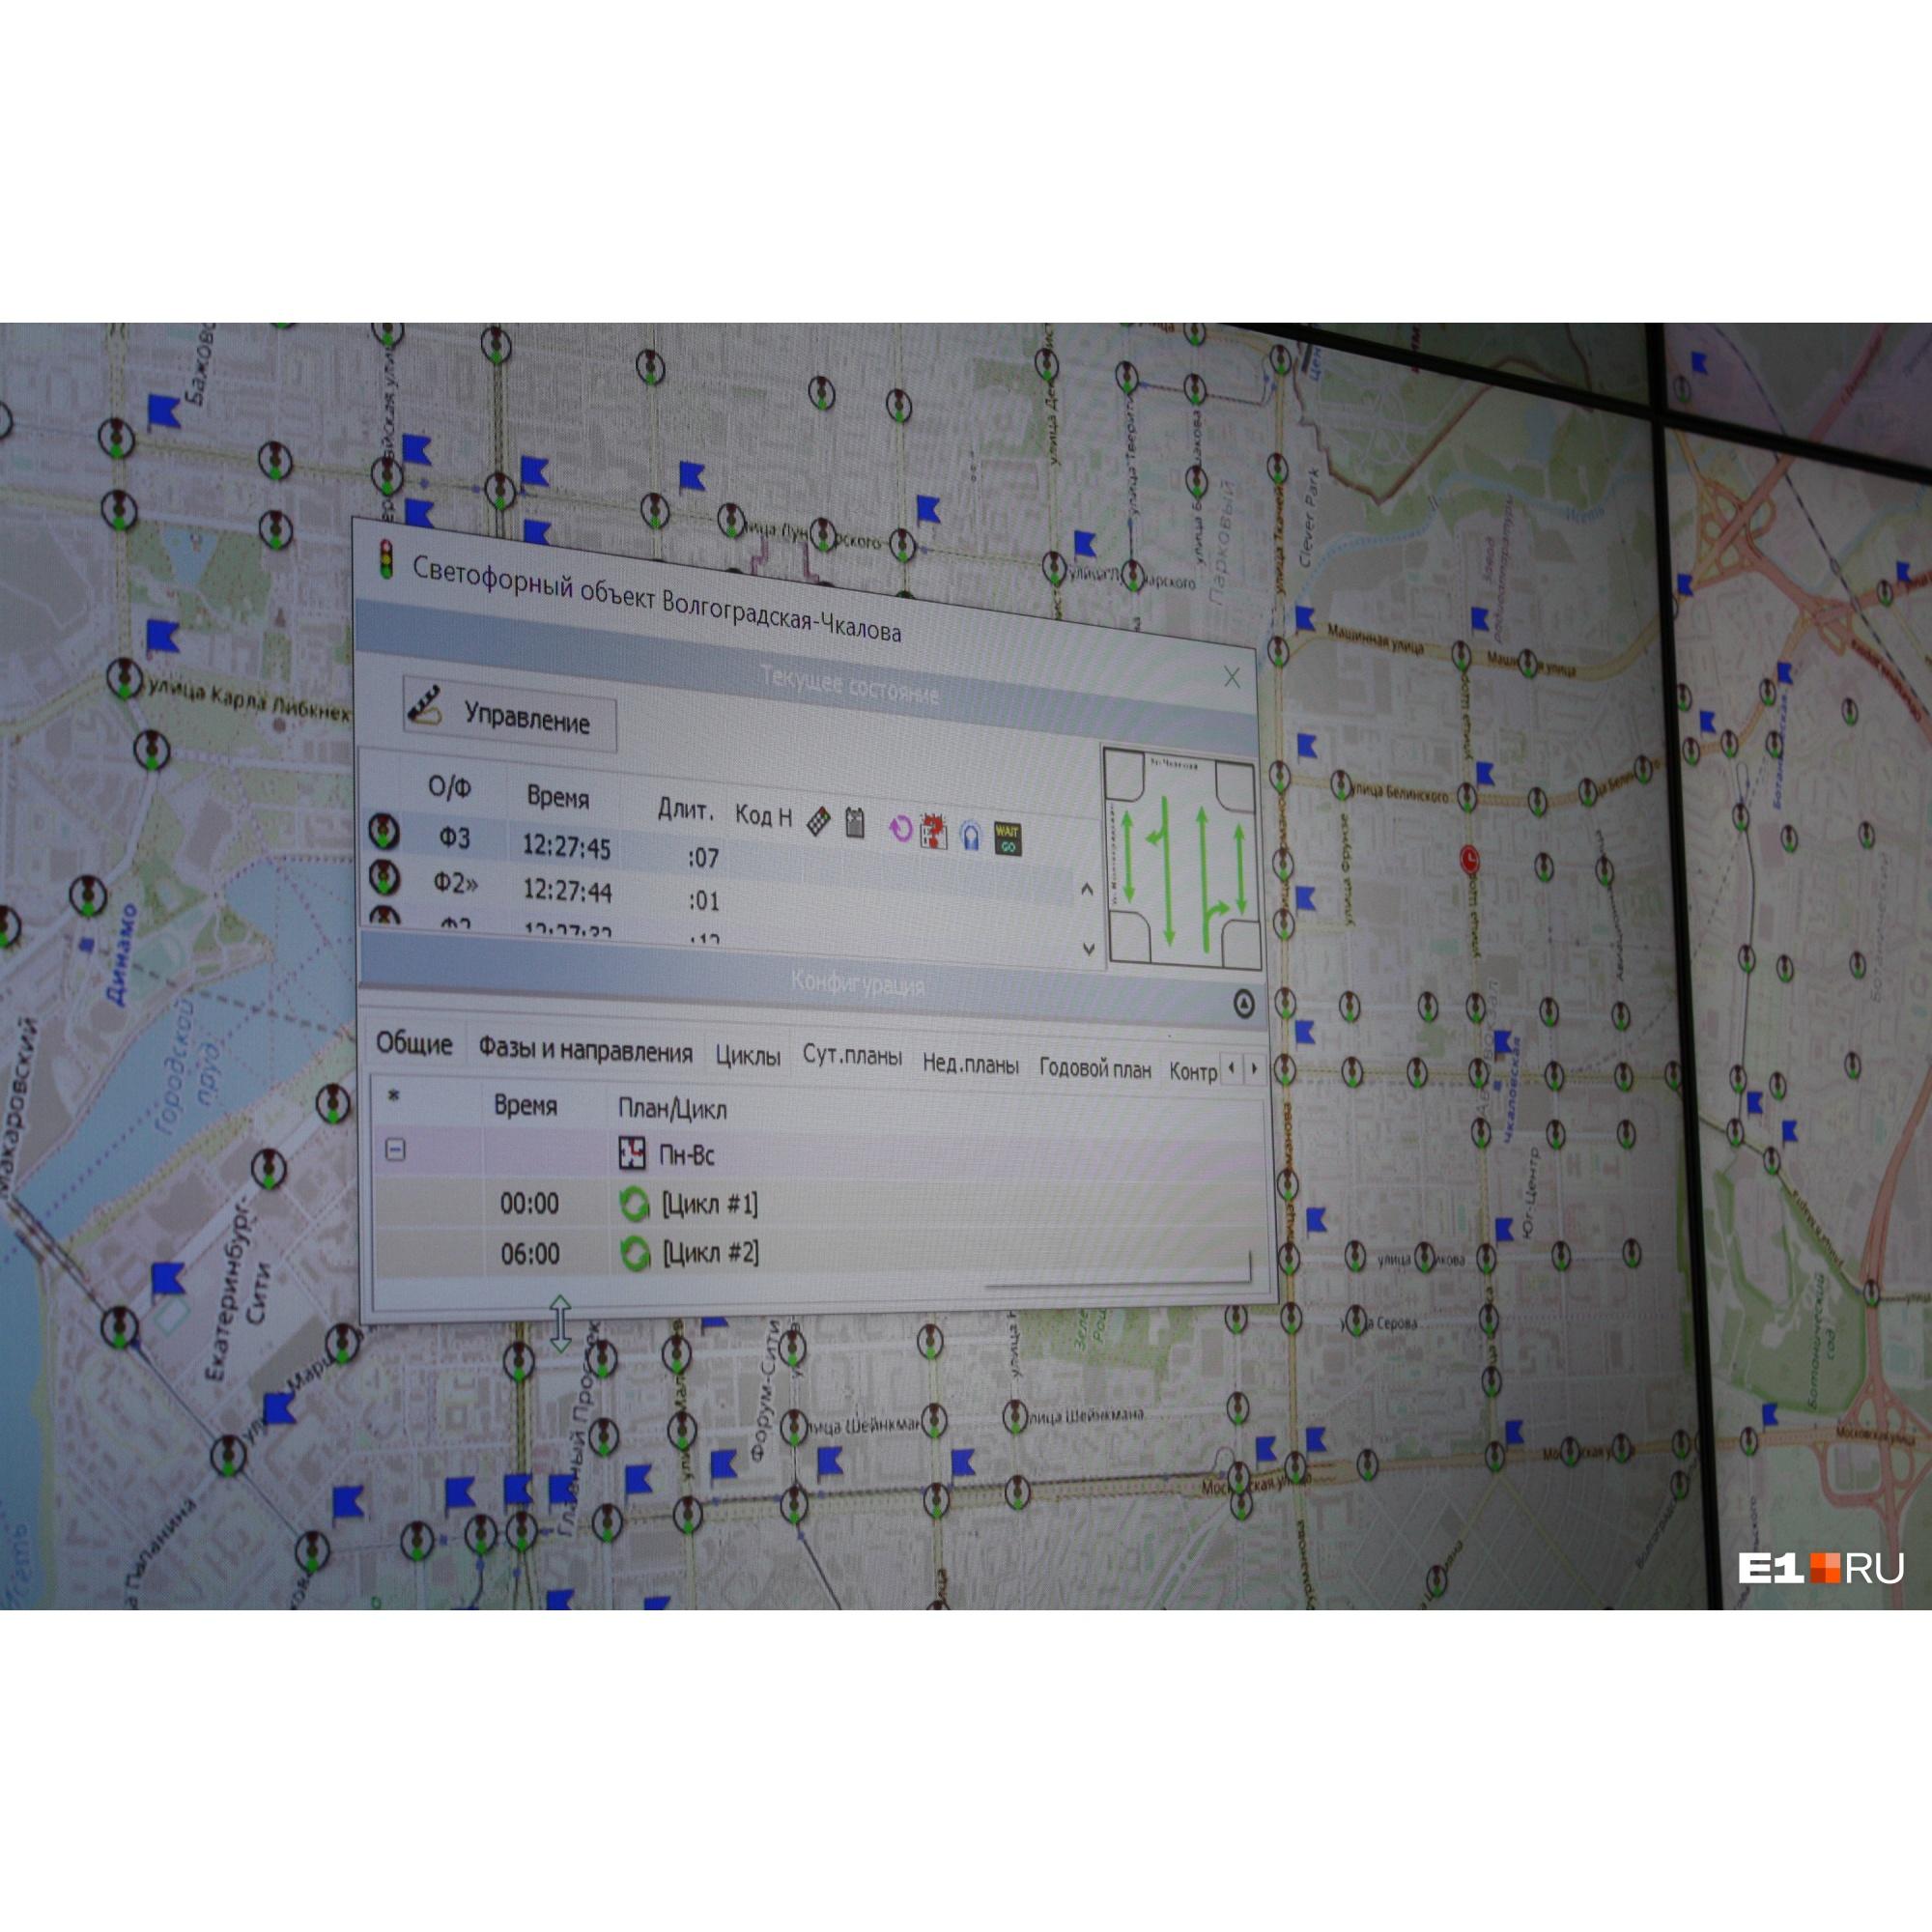 С помощьюАСУДД можно регулировать работу любого светофора в городе или настроить автоматику так, чтобы она включала зеленый свет при приближении общественного транспорта, на котором установлен датчик ГЛОНАСС